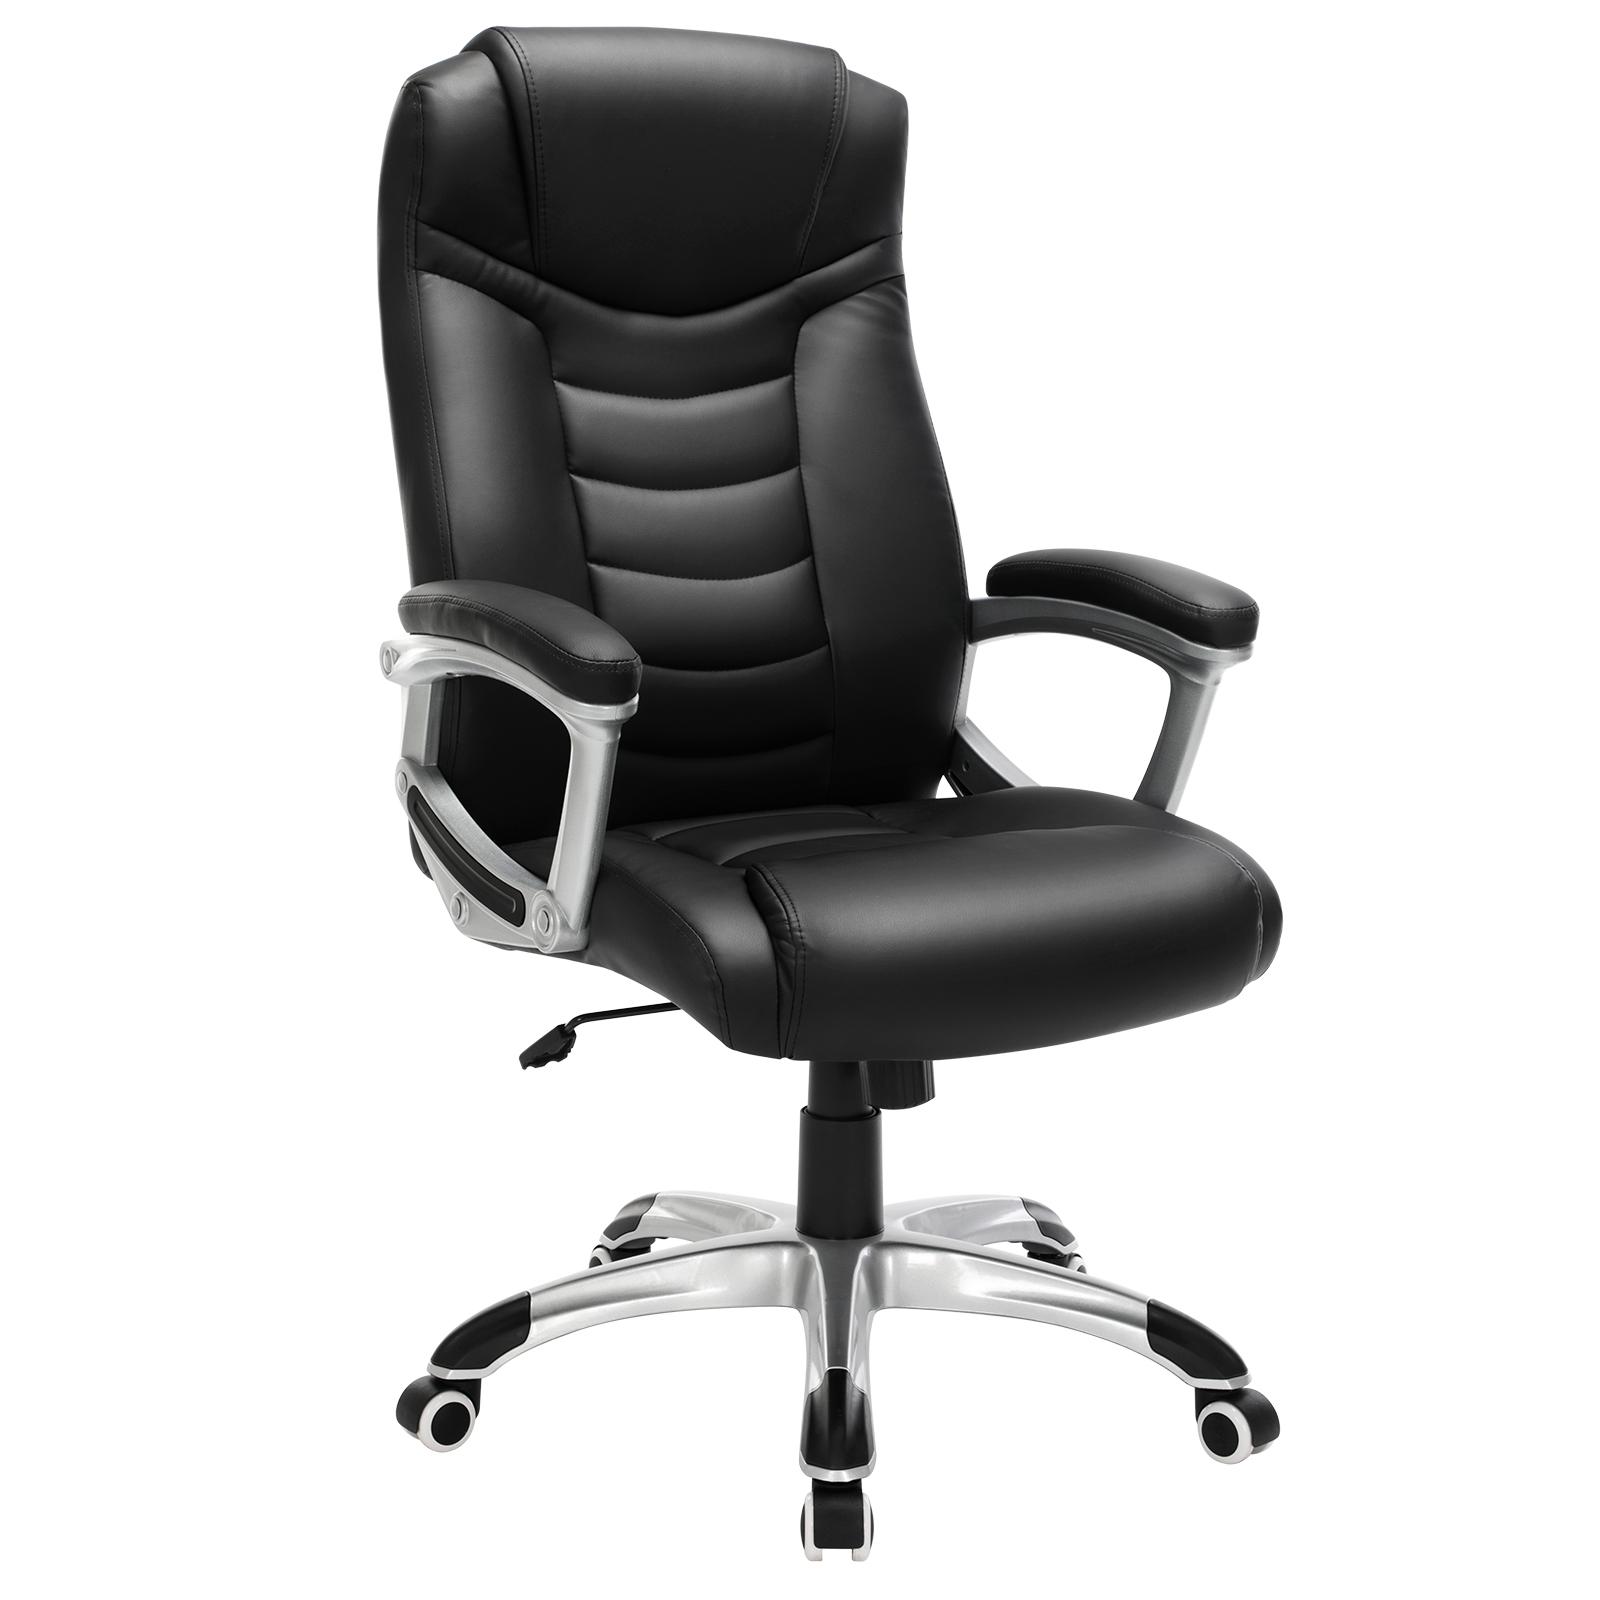 Rongomic Ergonomická kancelářská židle Tord černá